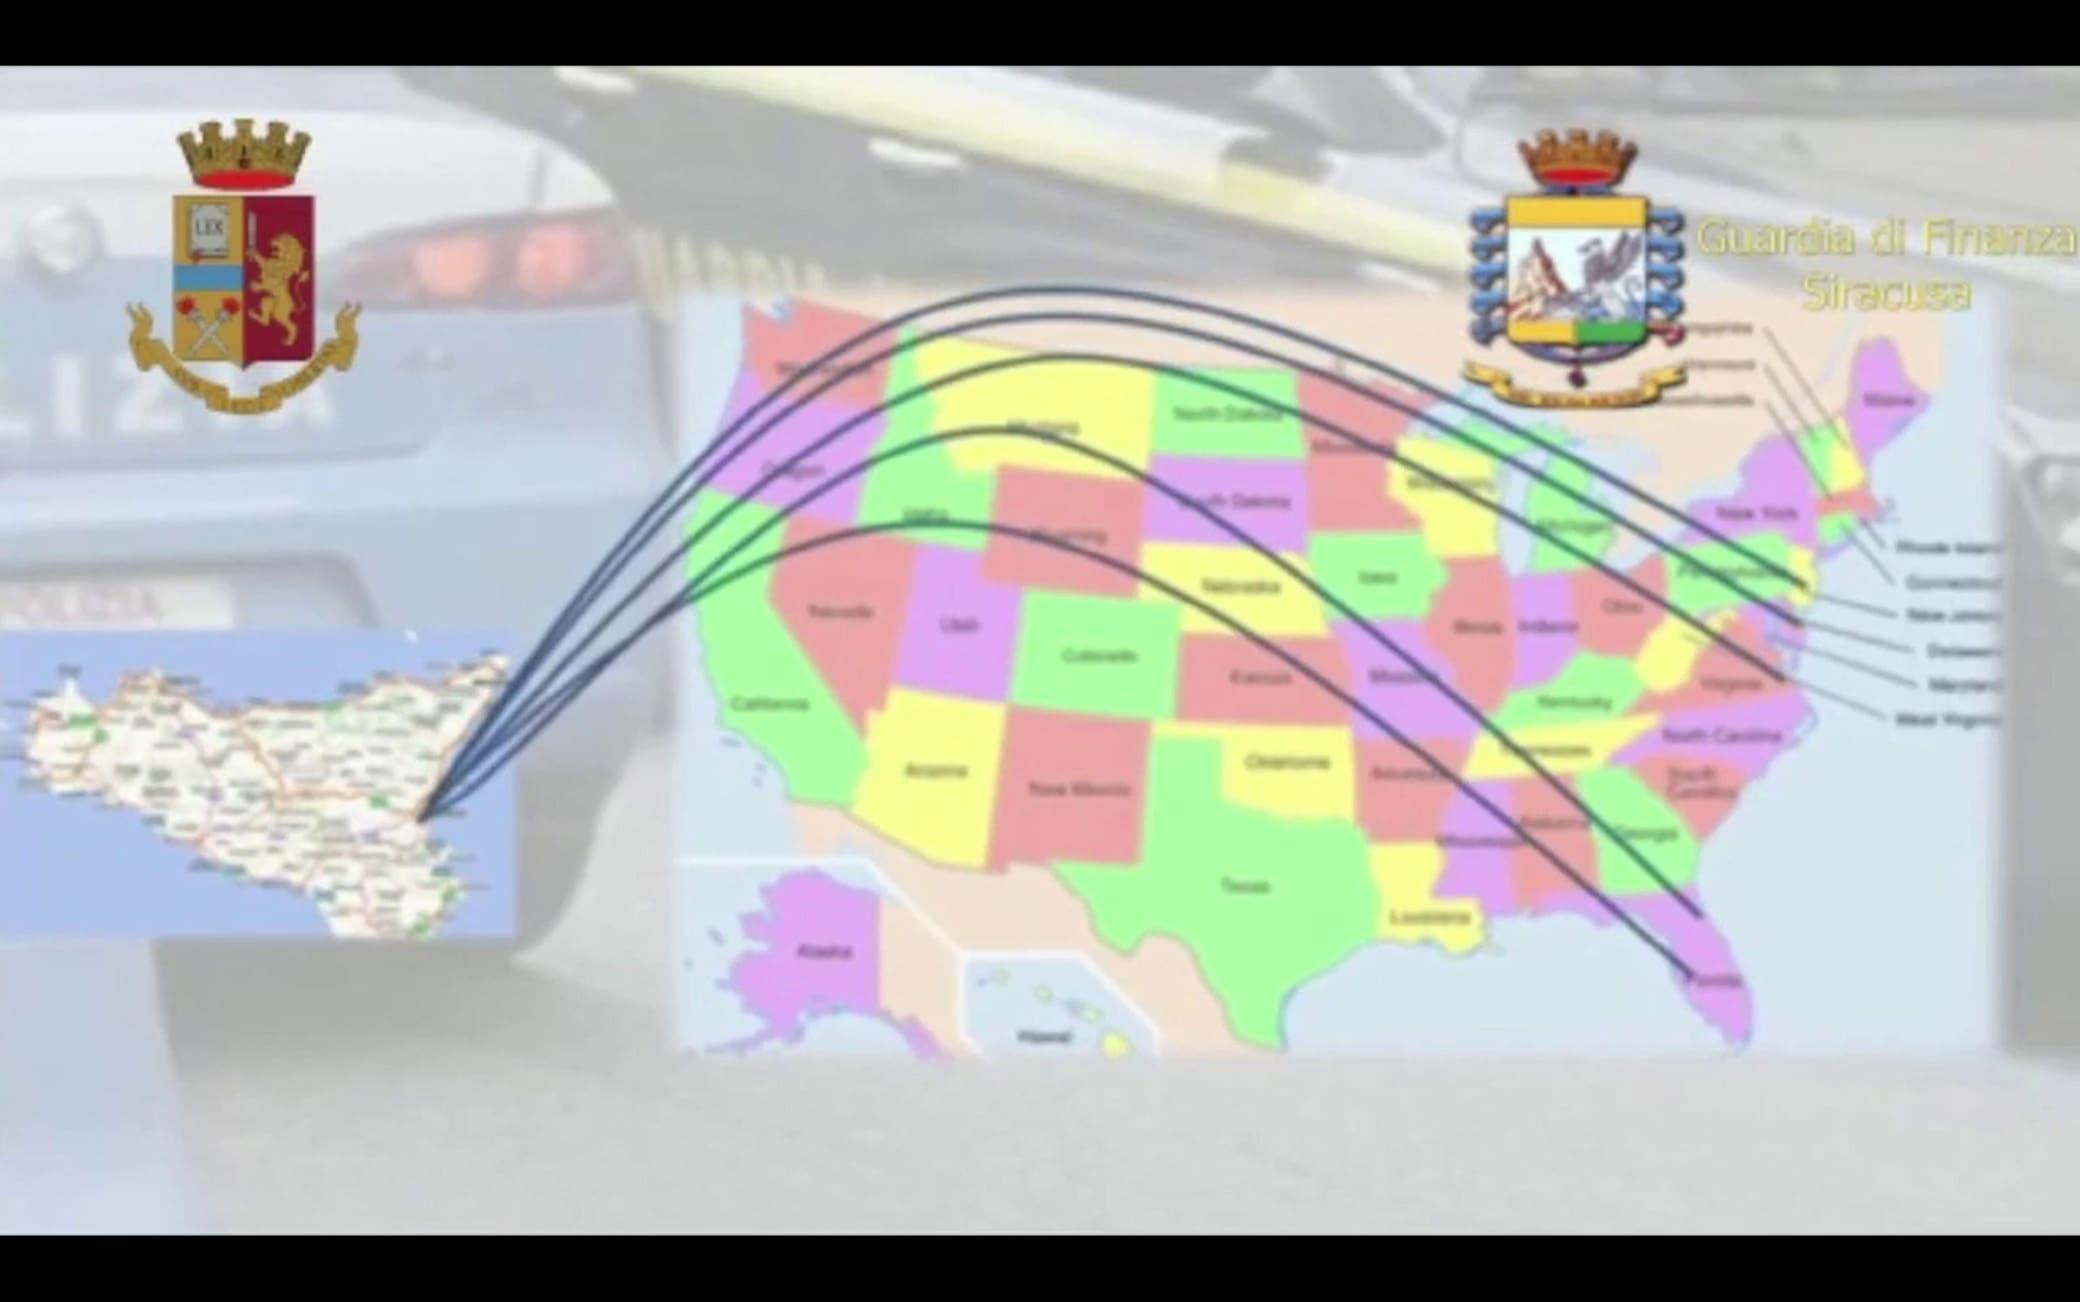 Un fermo immagine tratto da un video mostra un momento dell'operazione  della Polizia di Stato e della Guardia di Finanza, denominata 'Fast shipping', contro un traffico di stupefacenti tra Italia e Stati Uniti, 19 maggio 2021. ANSA/ UFFICIO STAMPA ++HO - NO SALES EDITORIAL USE ONLY++